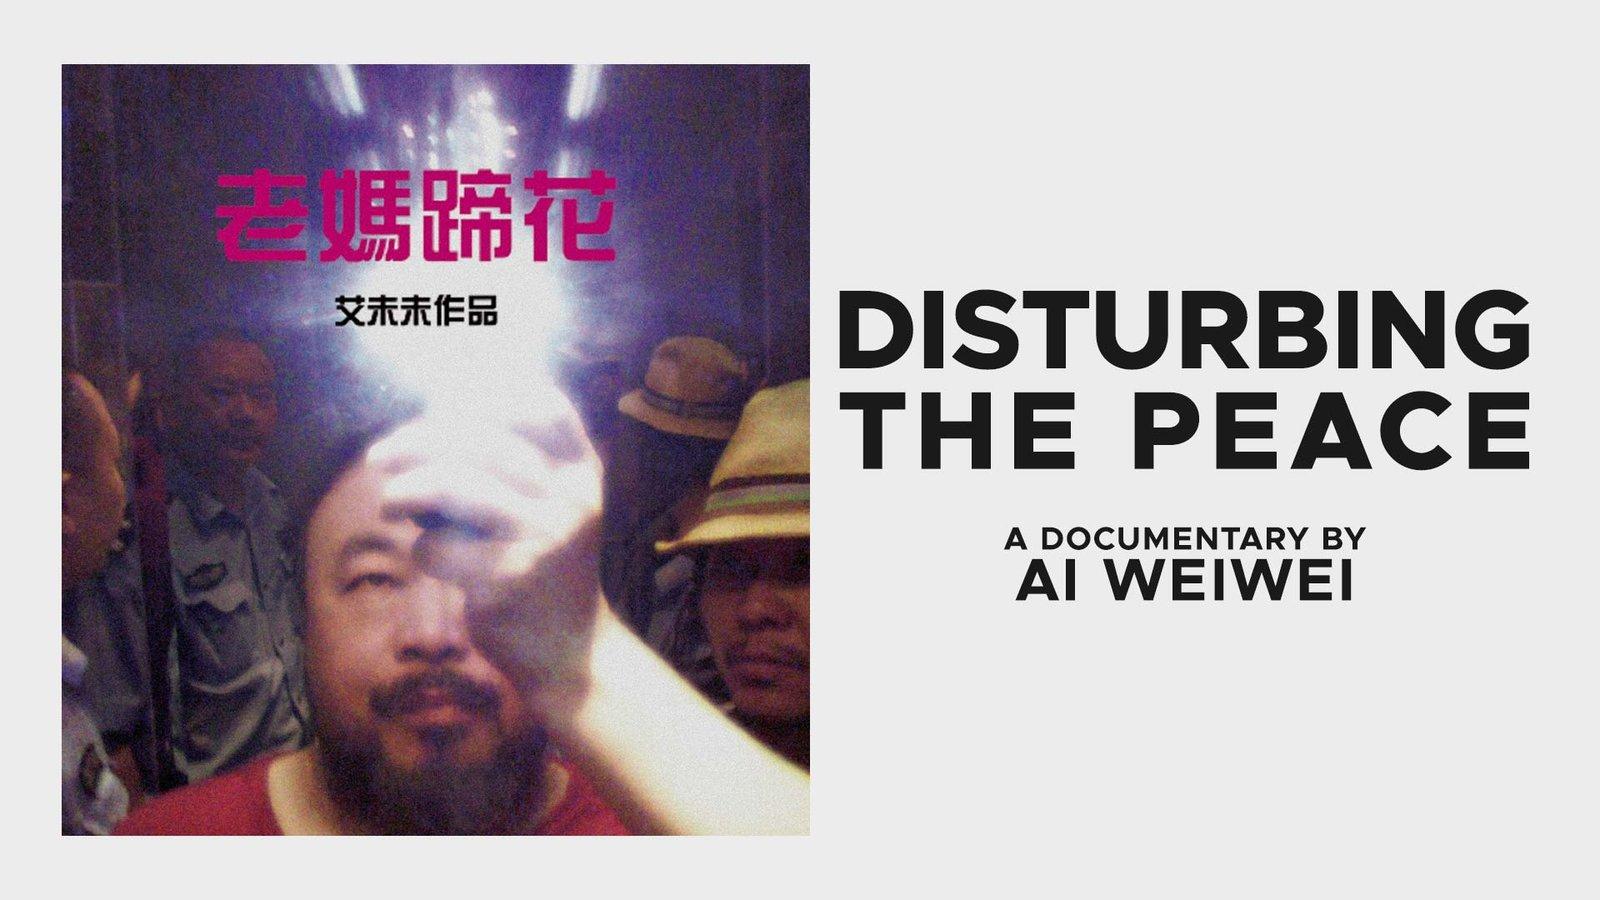 Disturbing the Peace - An Artist Investigatigates Corruption in China